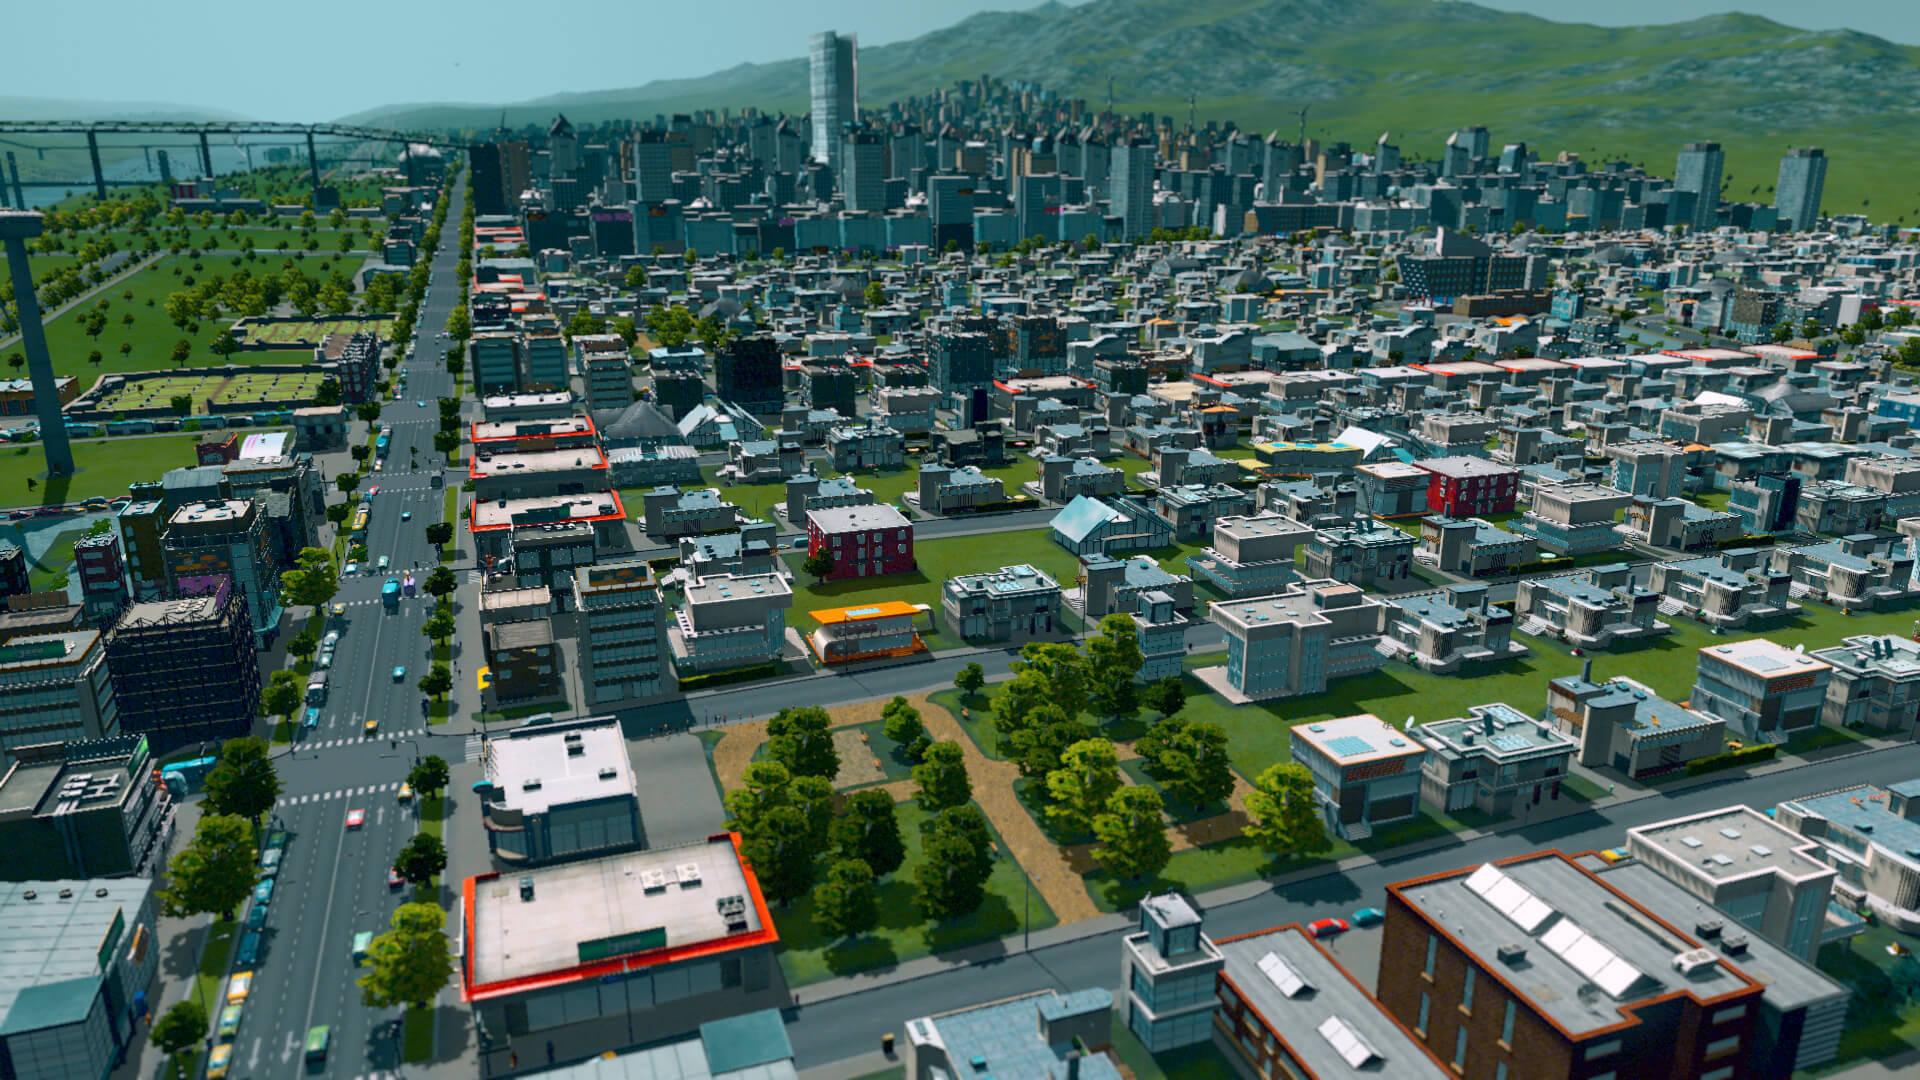 Der Screenshot zeigt die Ansicht eines Wohnviertels mit kleinen Häusern und vielen Details.